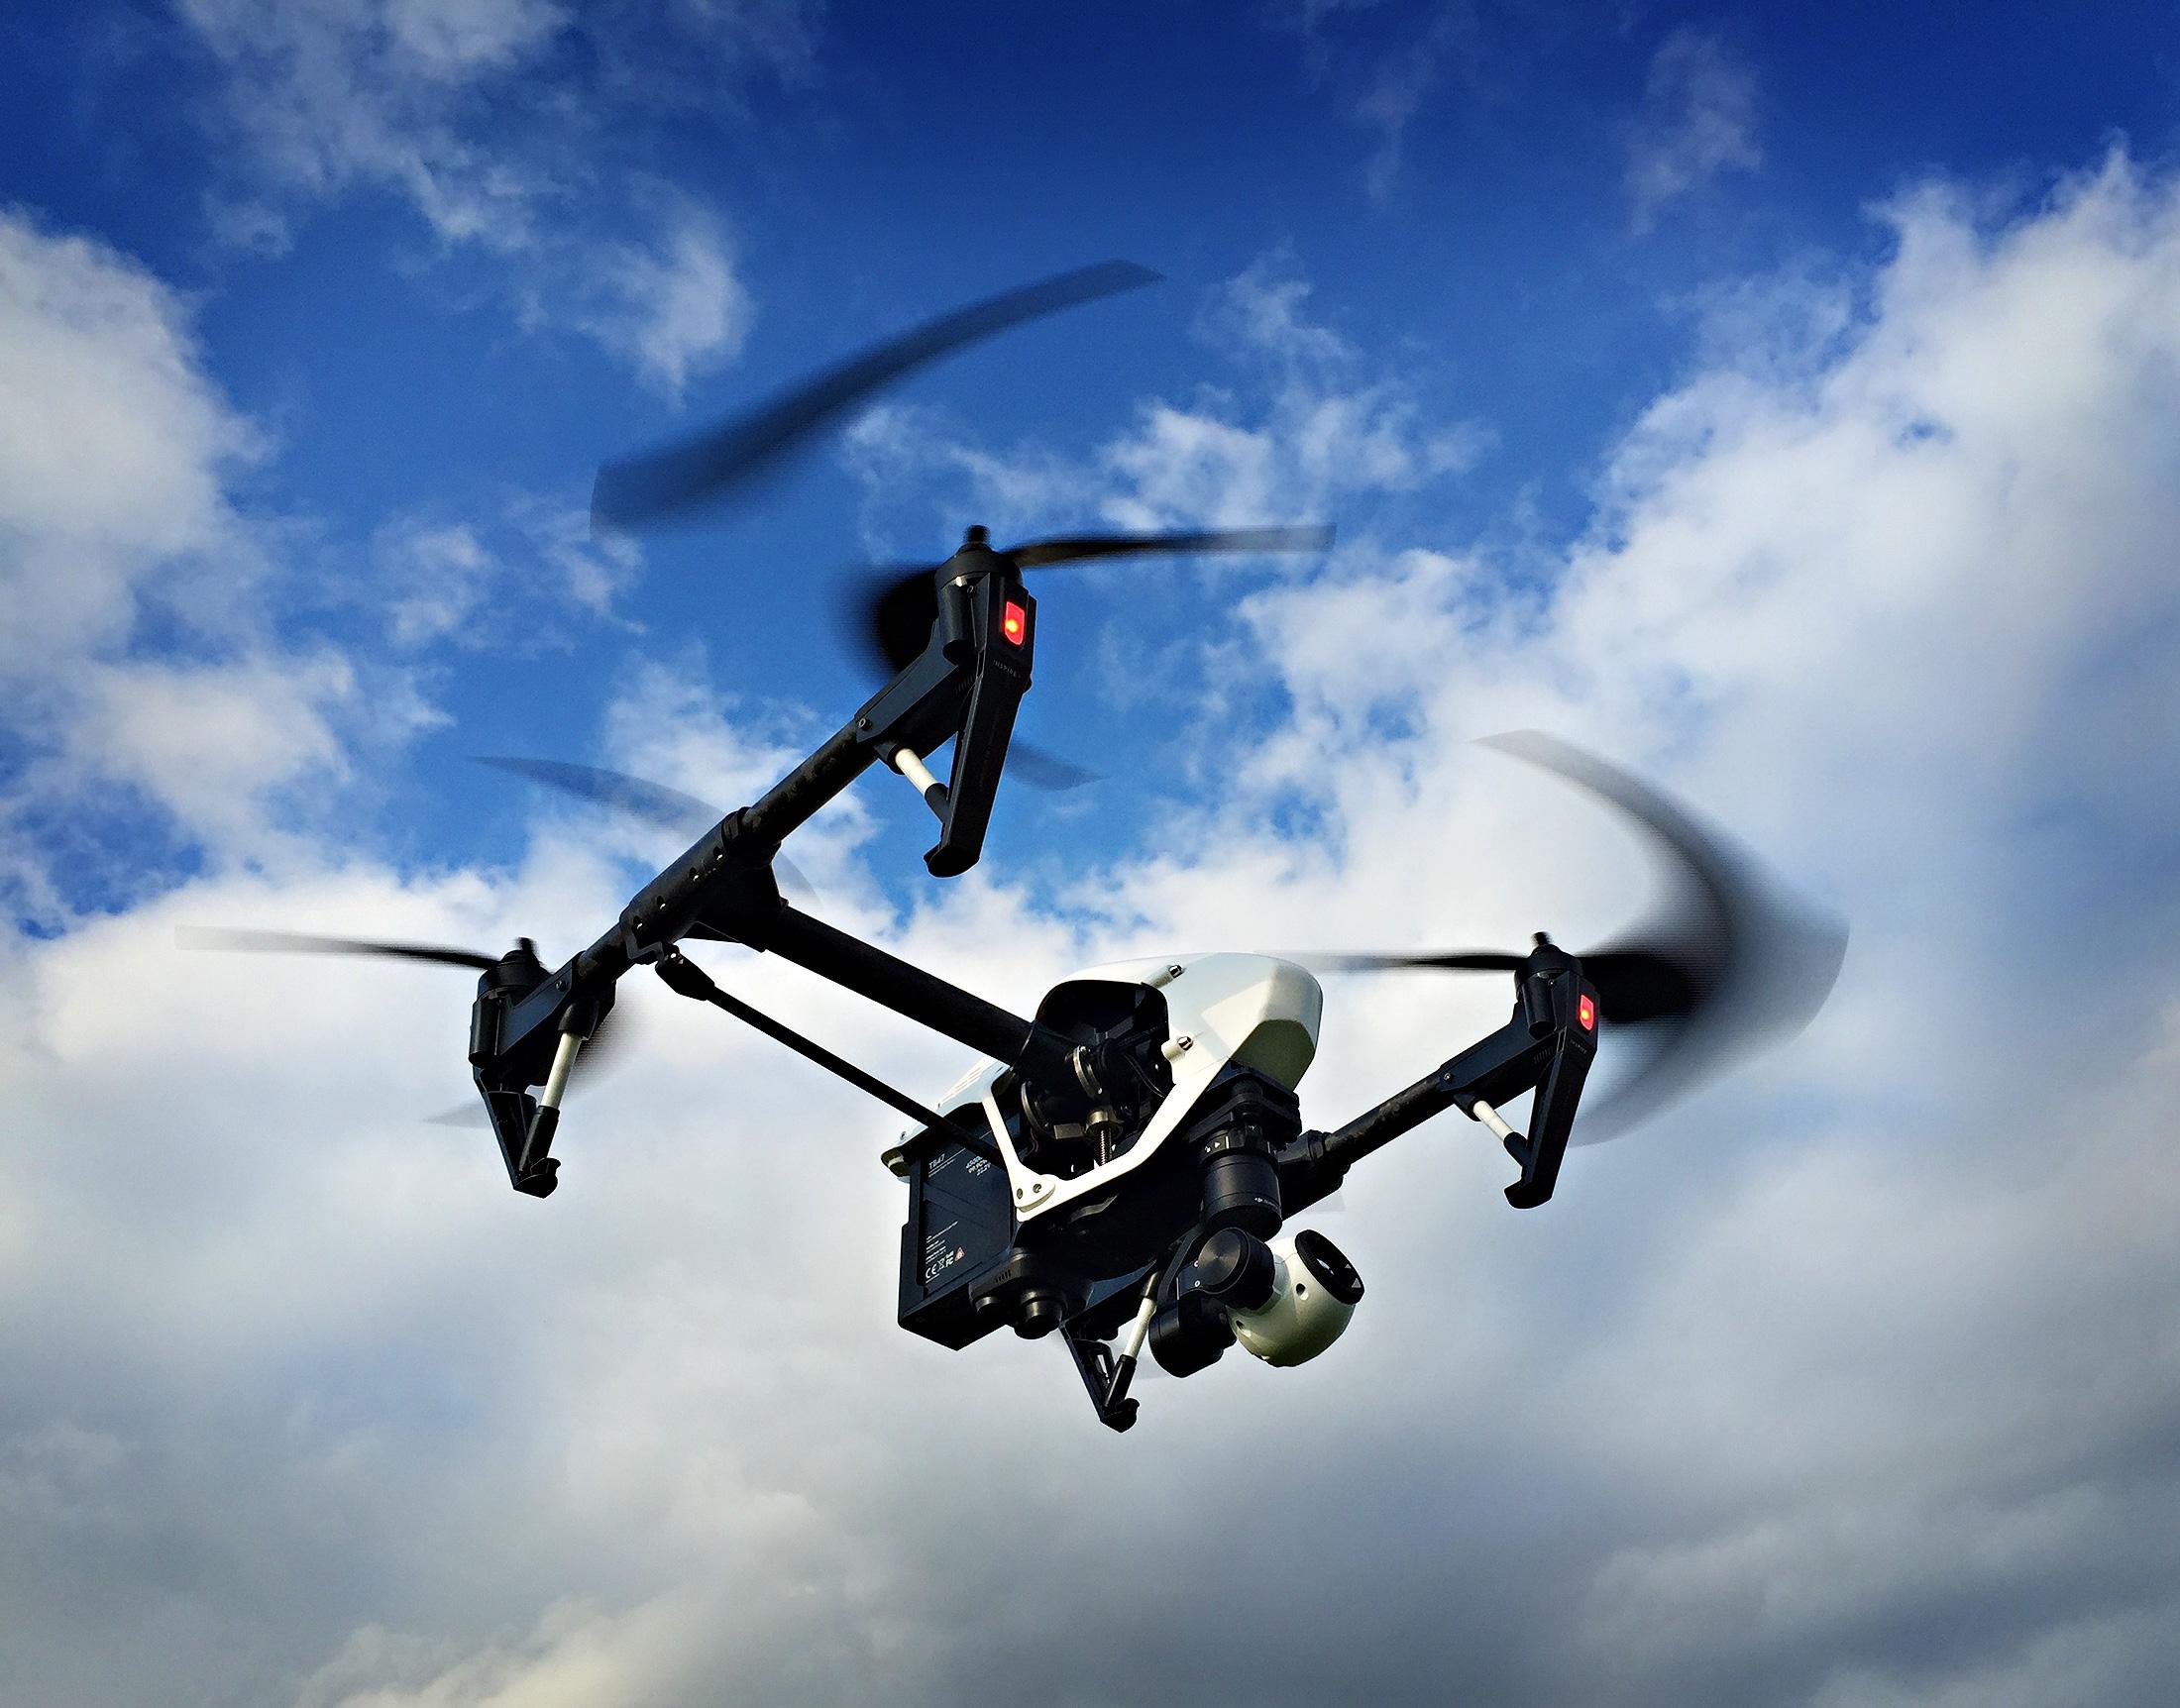 Our DJI Inspire 1 Quadcopter